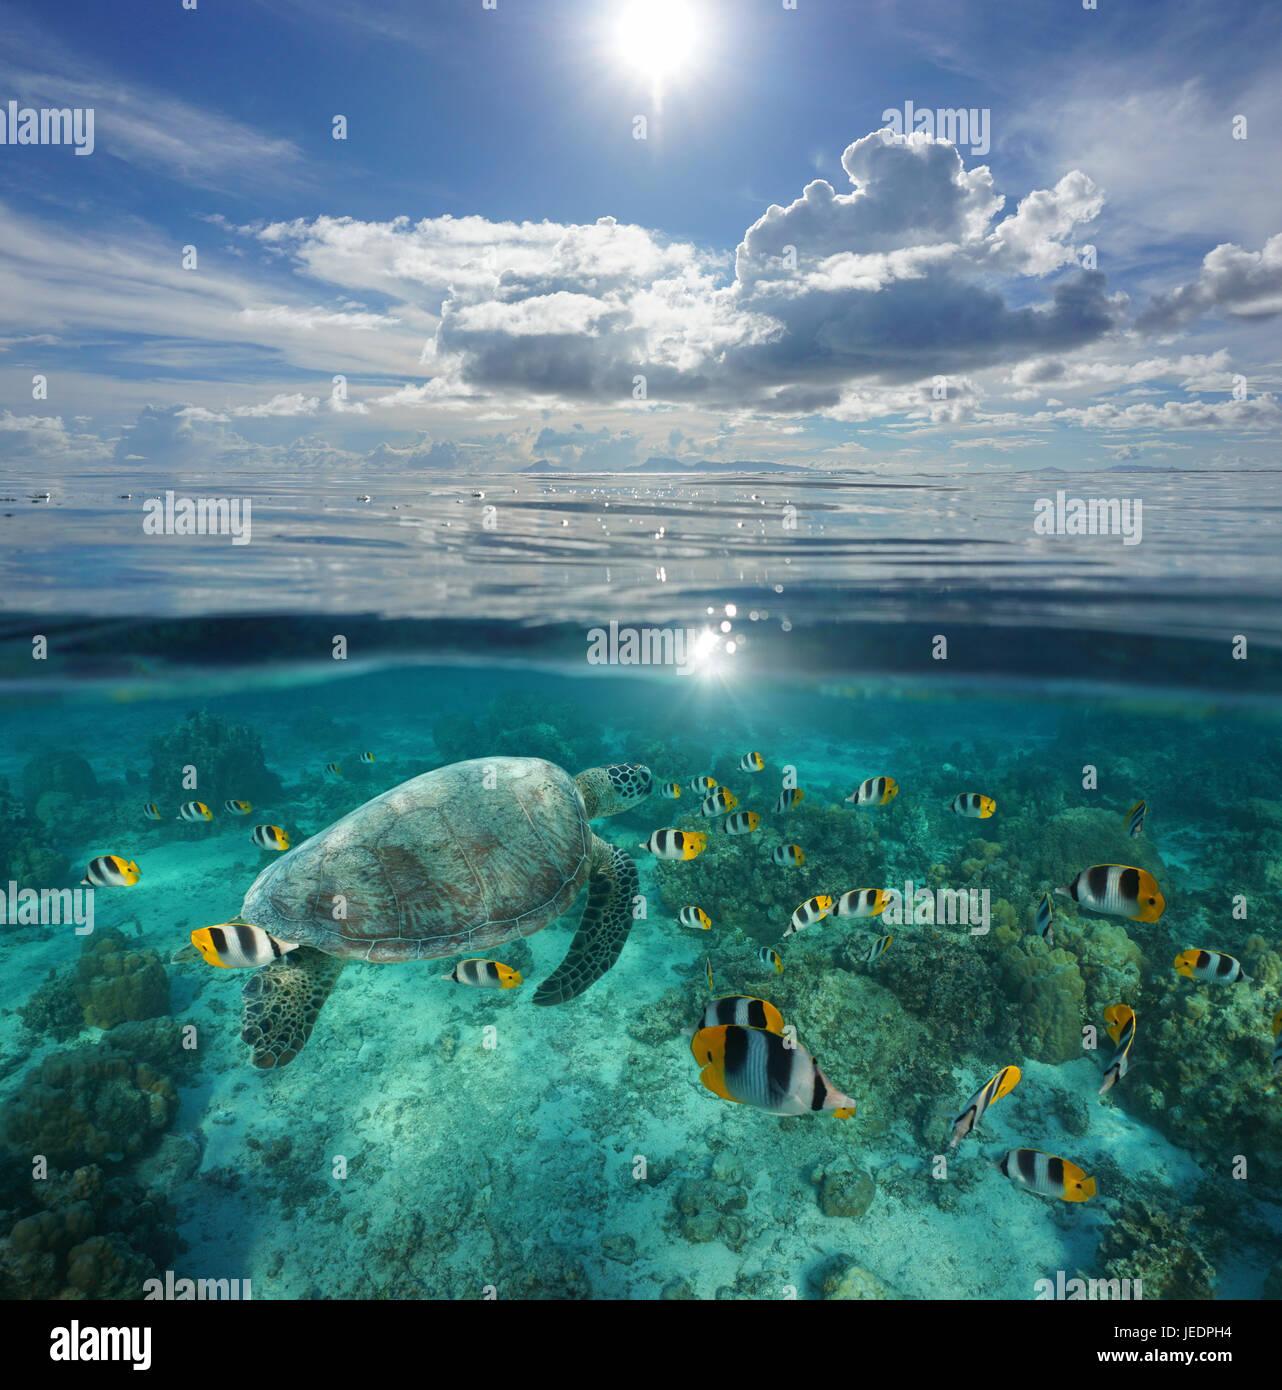 Über und unter der Meeresoberfläche, tropische Fische mit einer Schildkröte unter Wasser und eine Stockbild